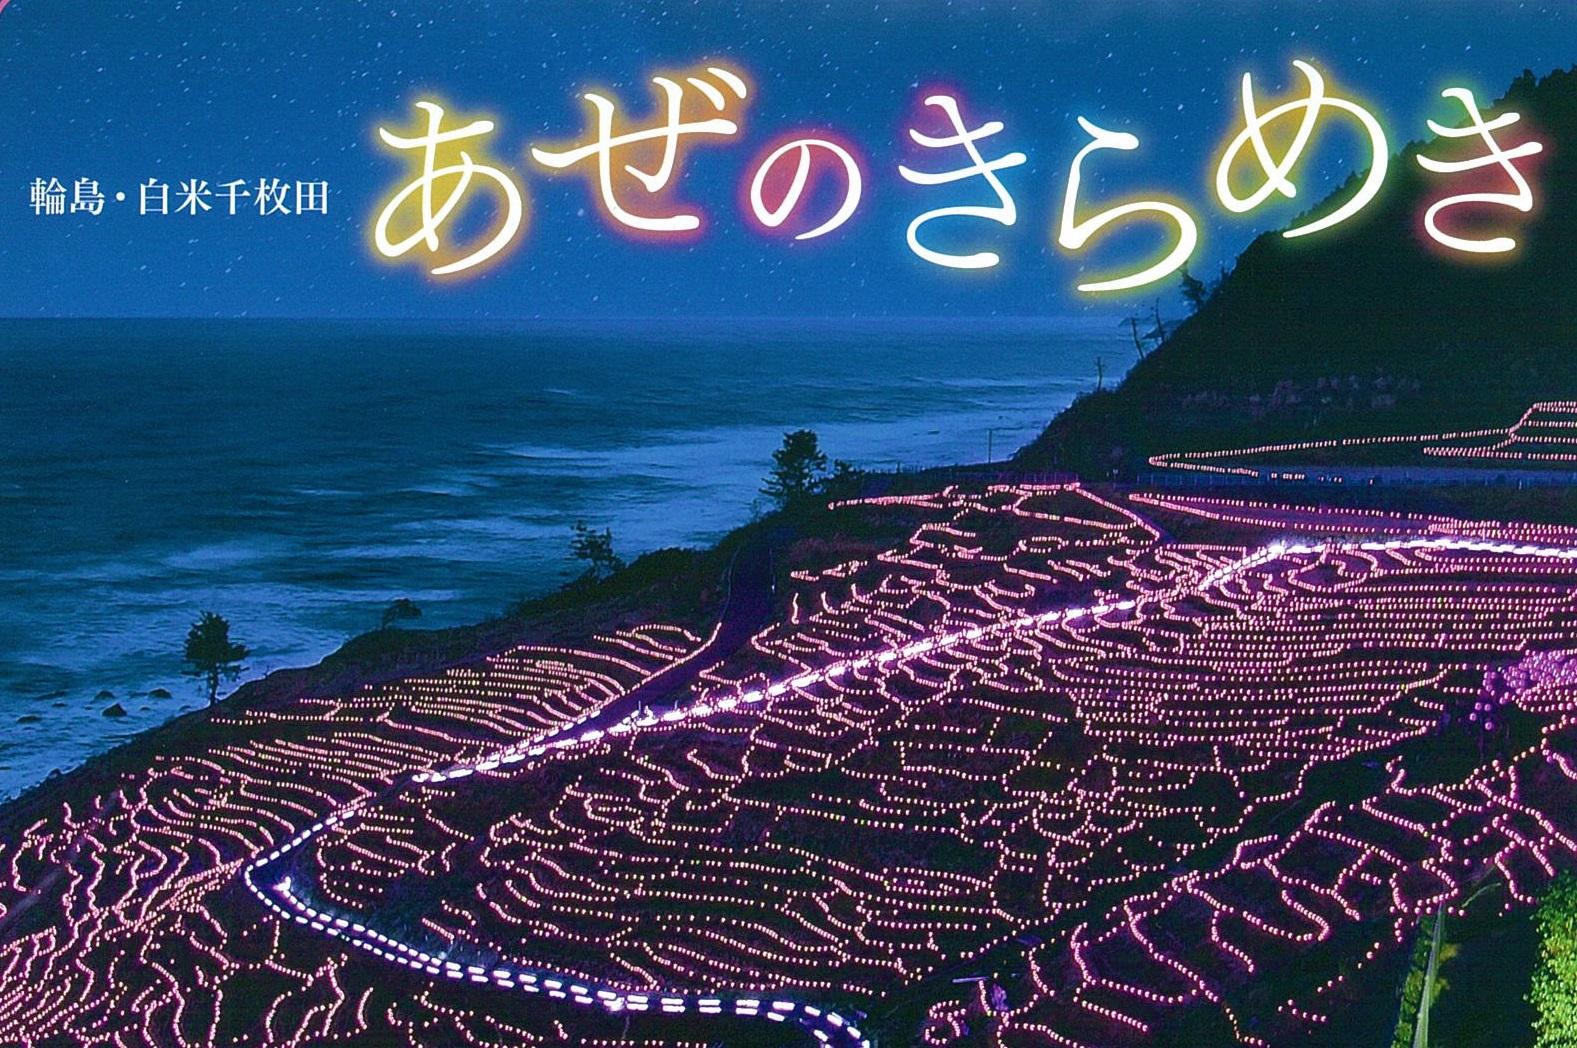 白米千枚田 あぜのきらめき 2020/10/17(土)~2021/03/14(日)